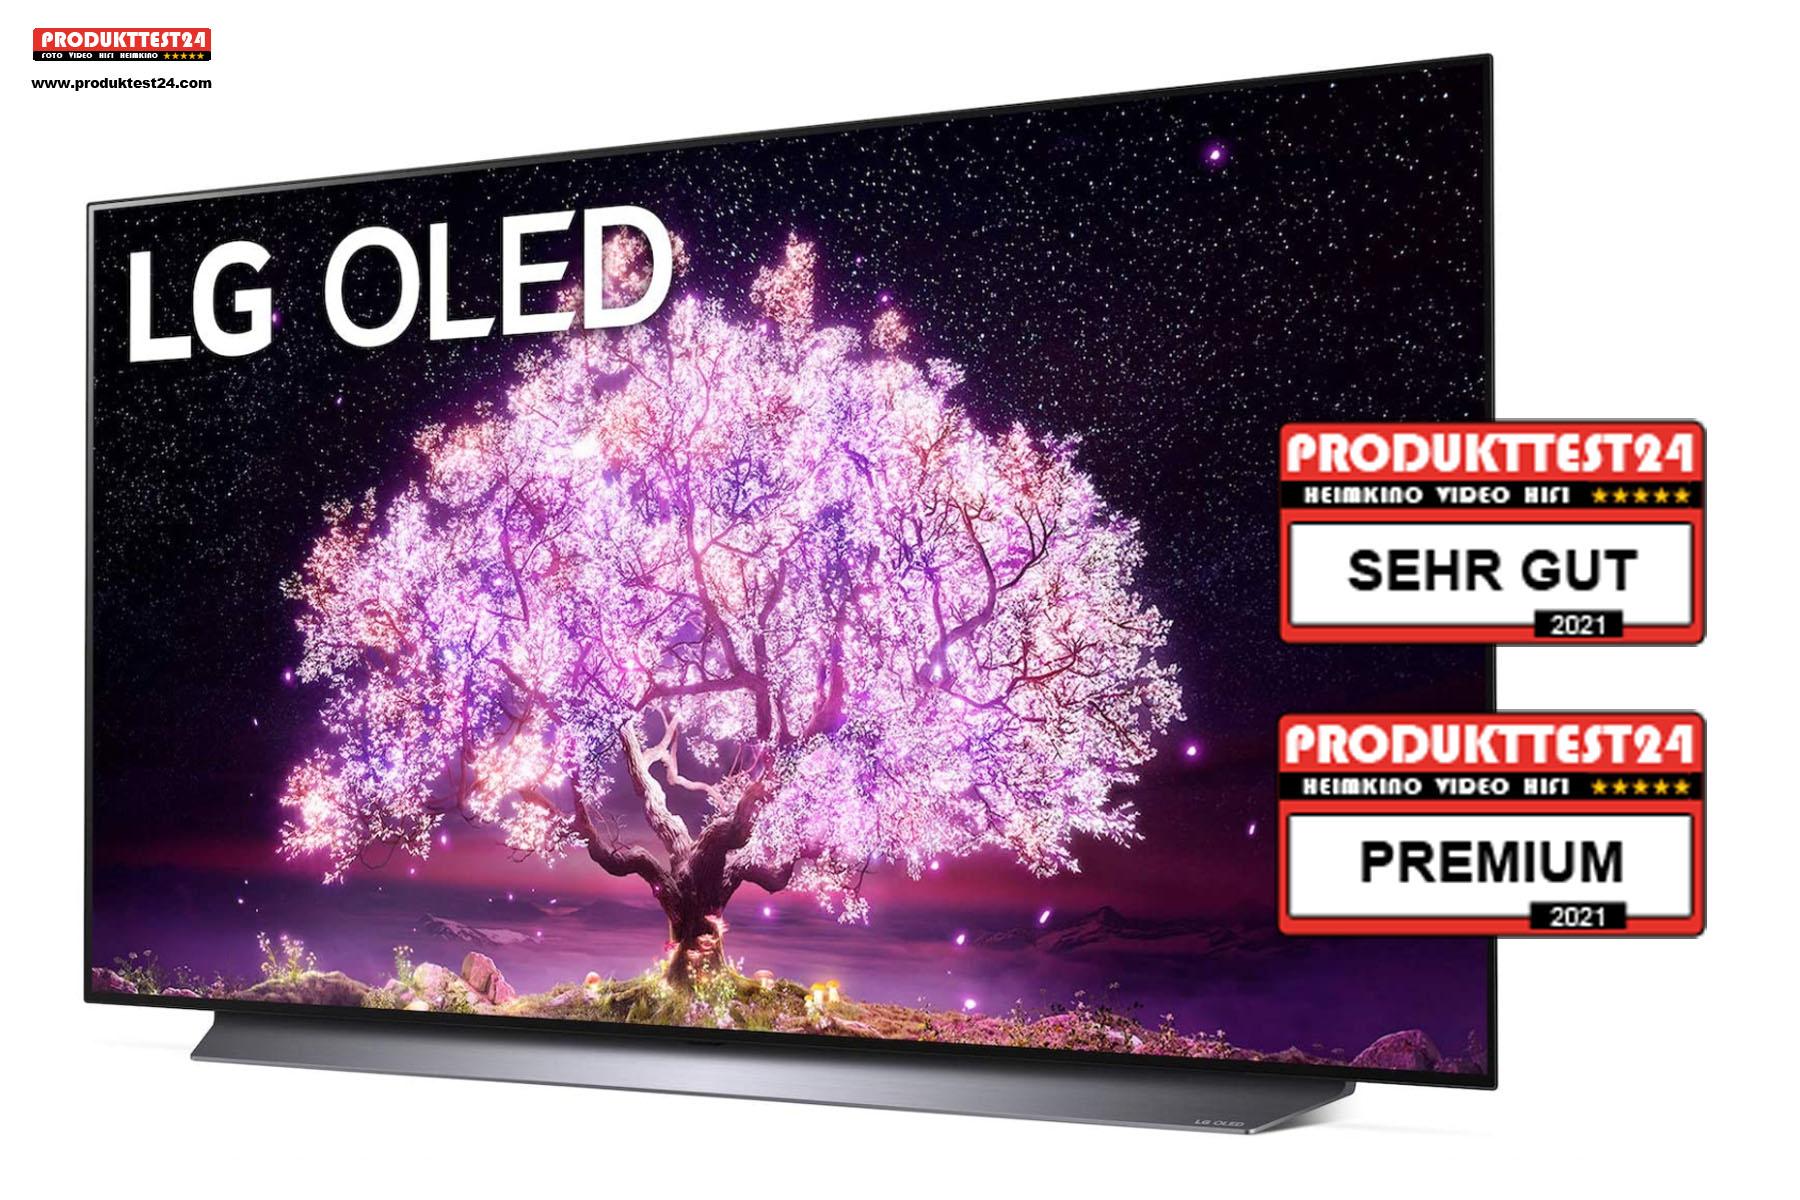 LG OLED48C17LB - Der beste 48 Zoll OLED Fernseher auf dem Markt